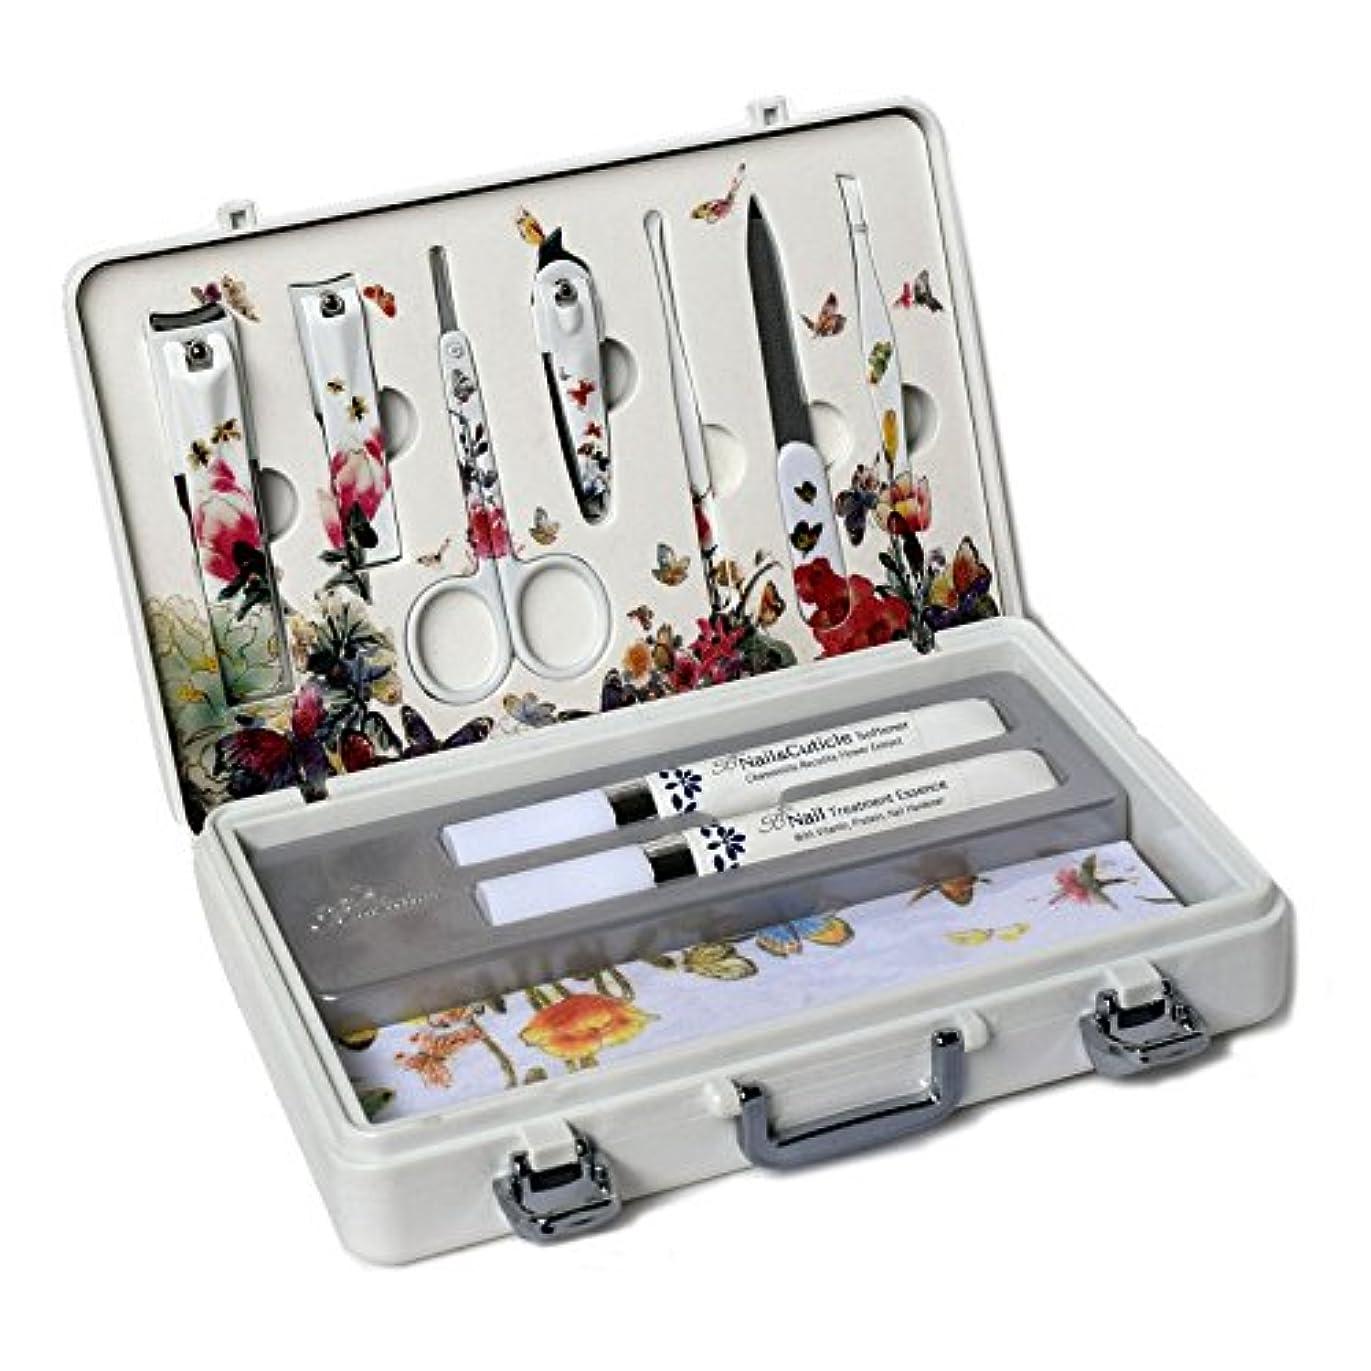 百万自治的METAL BELL Manicure Sets BN-2000 爪の管理セット爪切りセット 高品質のネイルケアセット高級感のある東洋画のデザイン Nail Clippers Nail Care Set